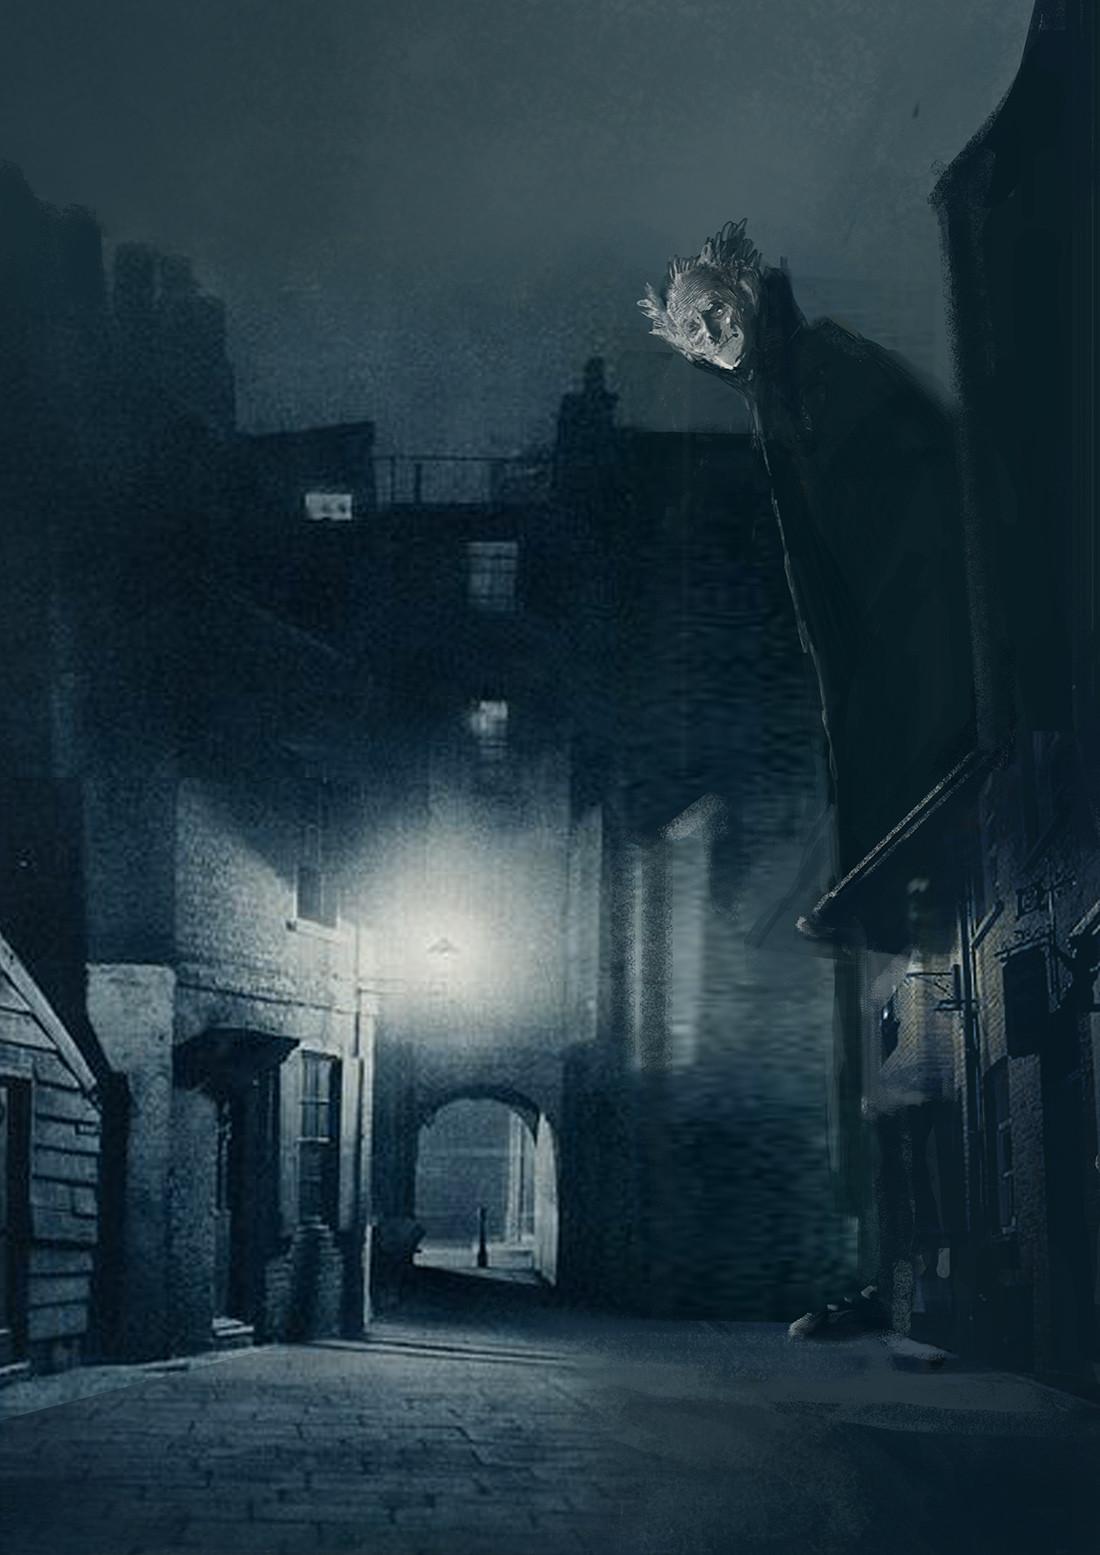 Andrei riabovitchev bfg london shadows v001 001 ar